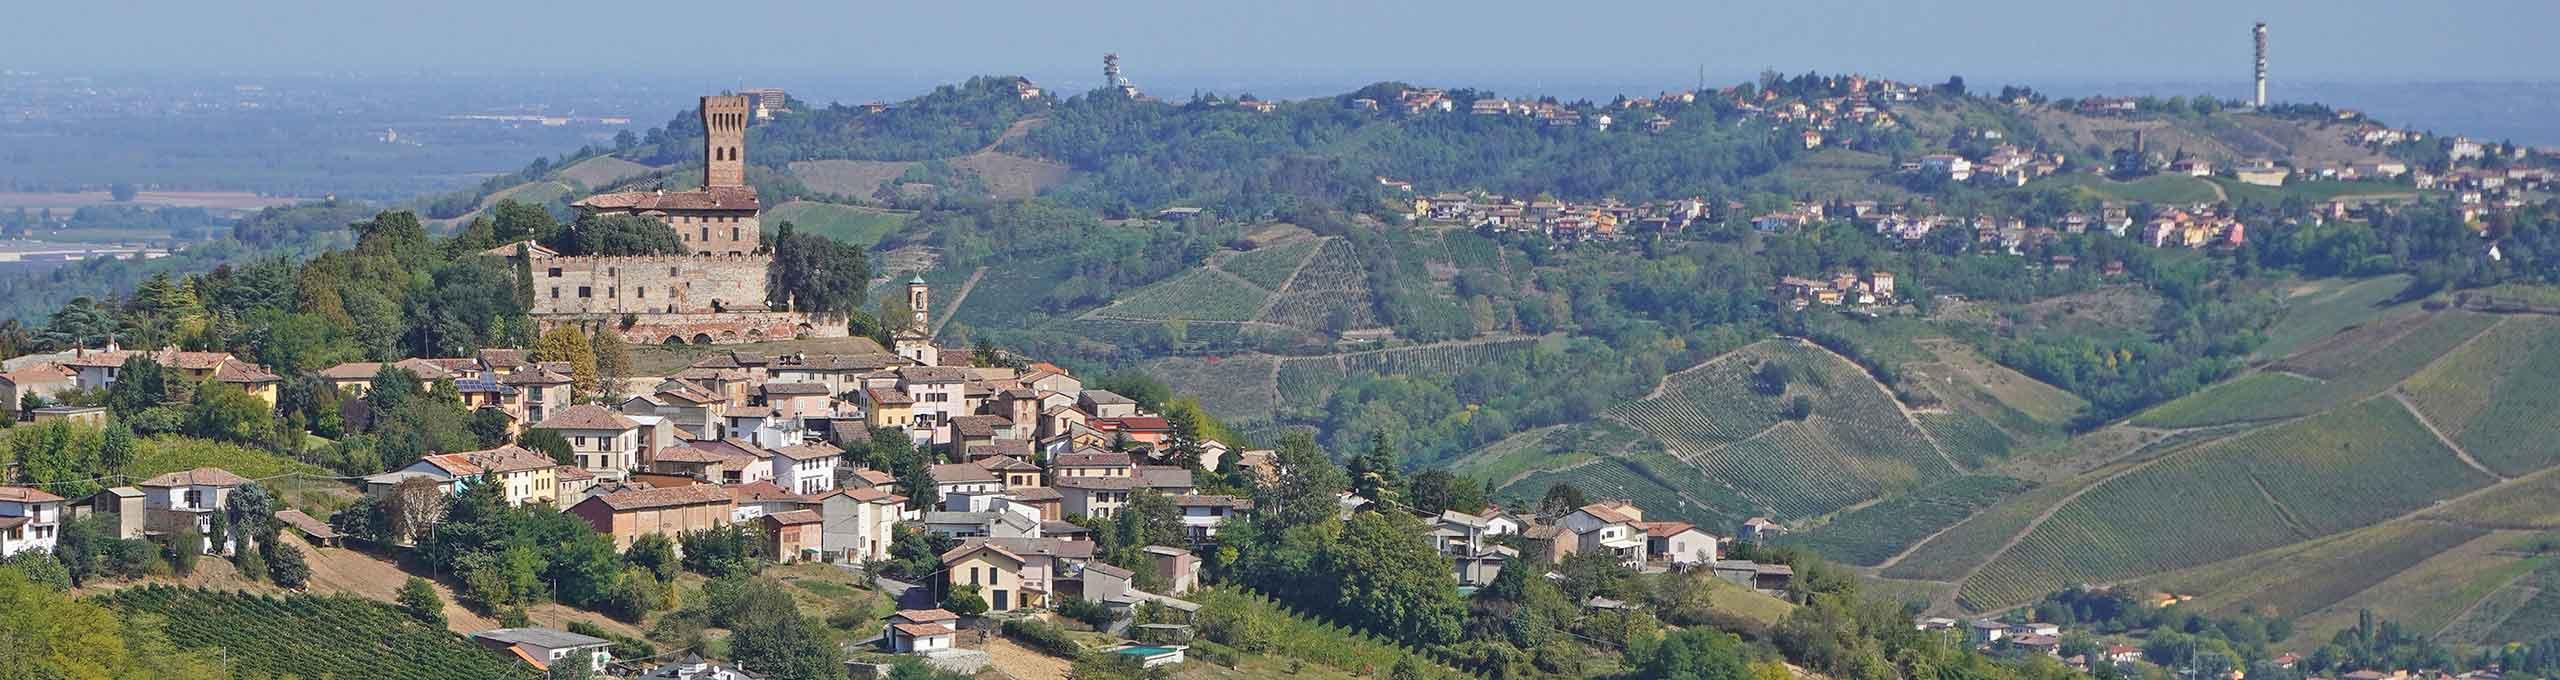 Broni, Oltrepò Pavese, castello di Cigognola